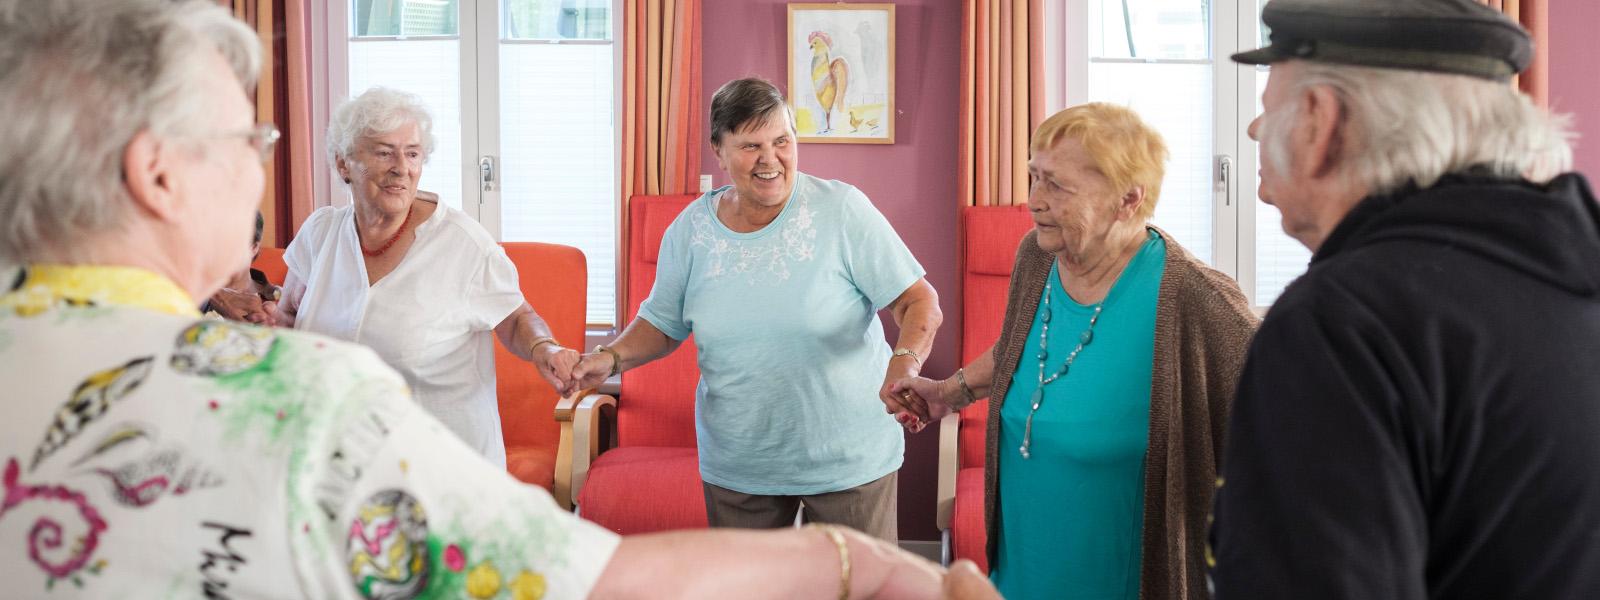 Mehrere Seniorinnen tanzen zusammen